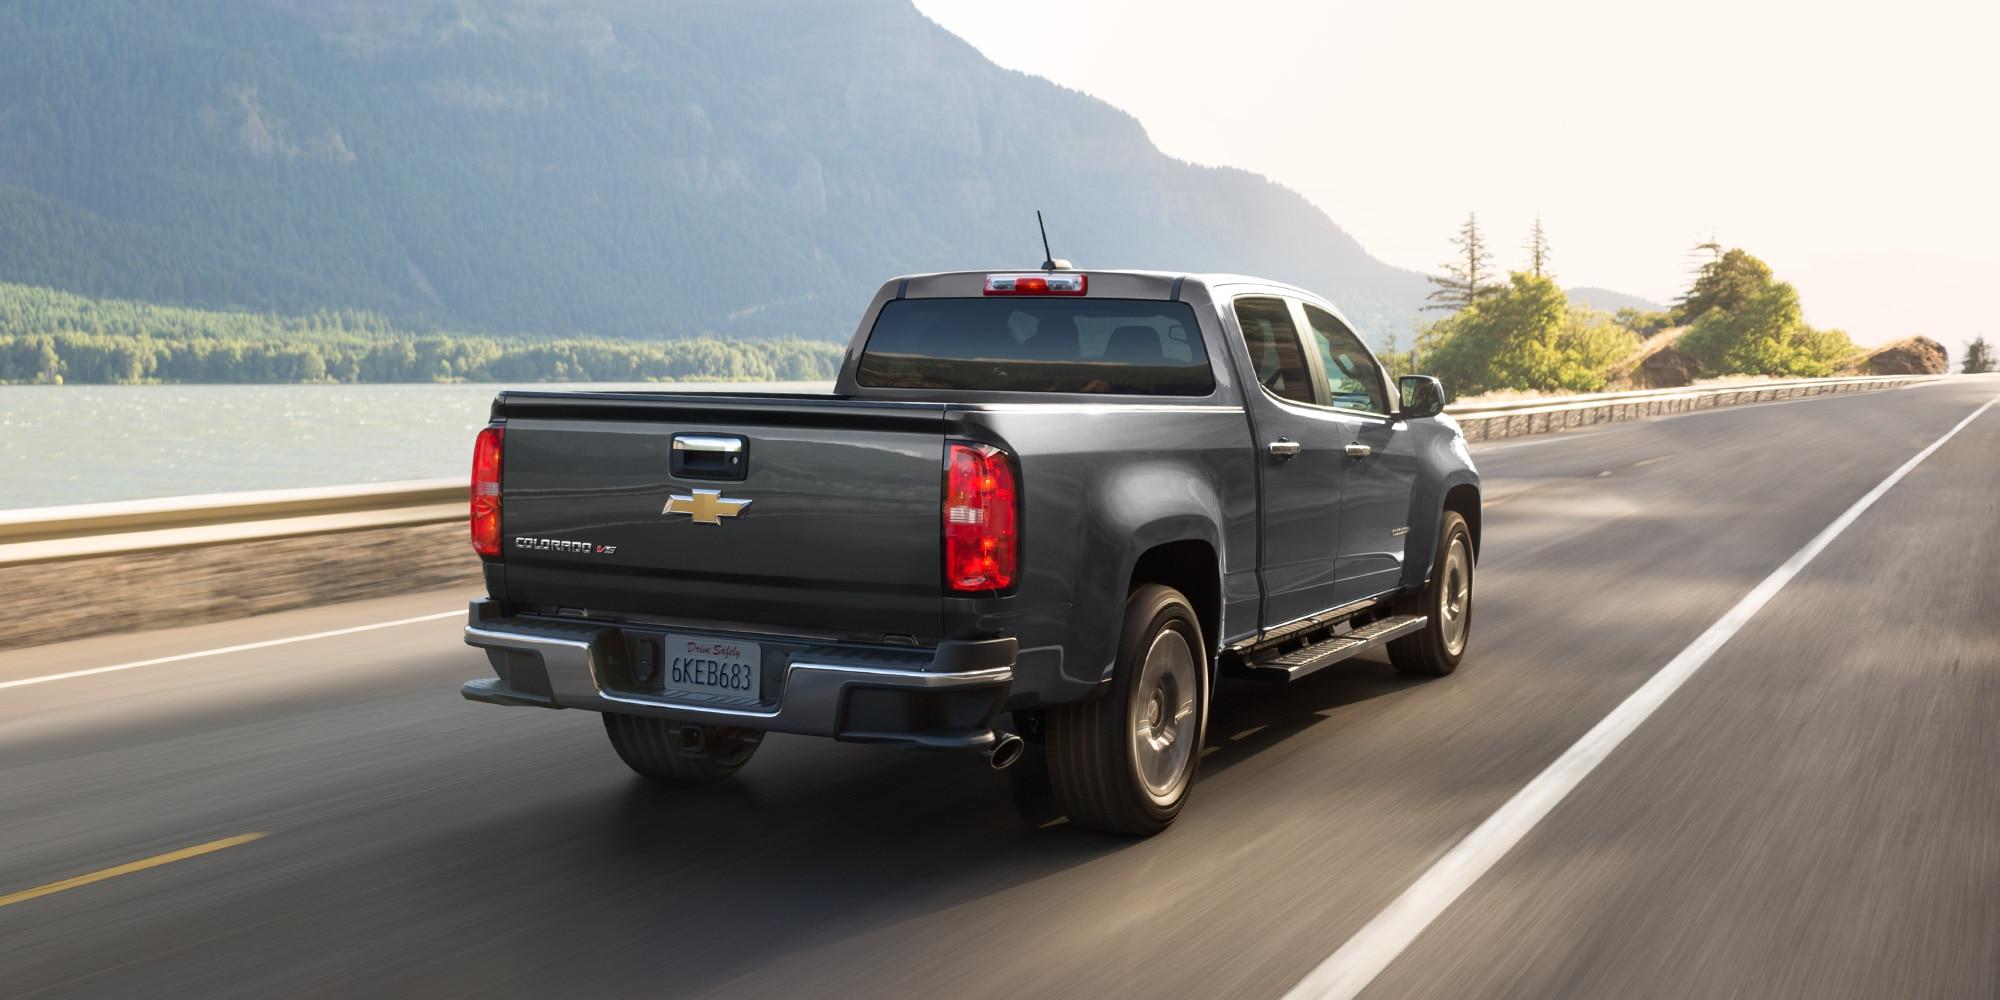 Diseño de la camioneta mediana Colorado 2019: vista trasera